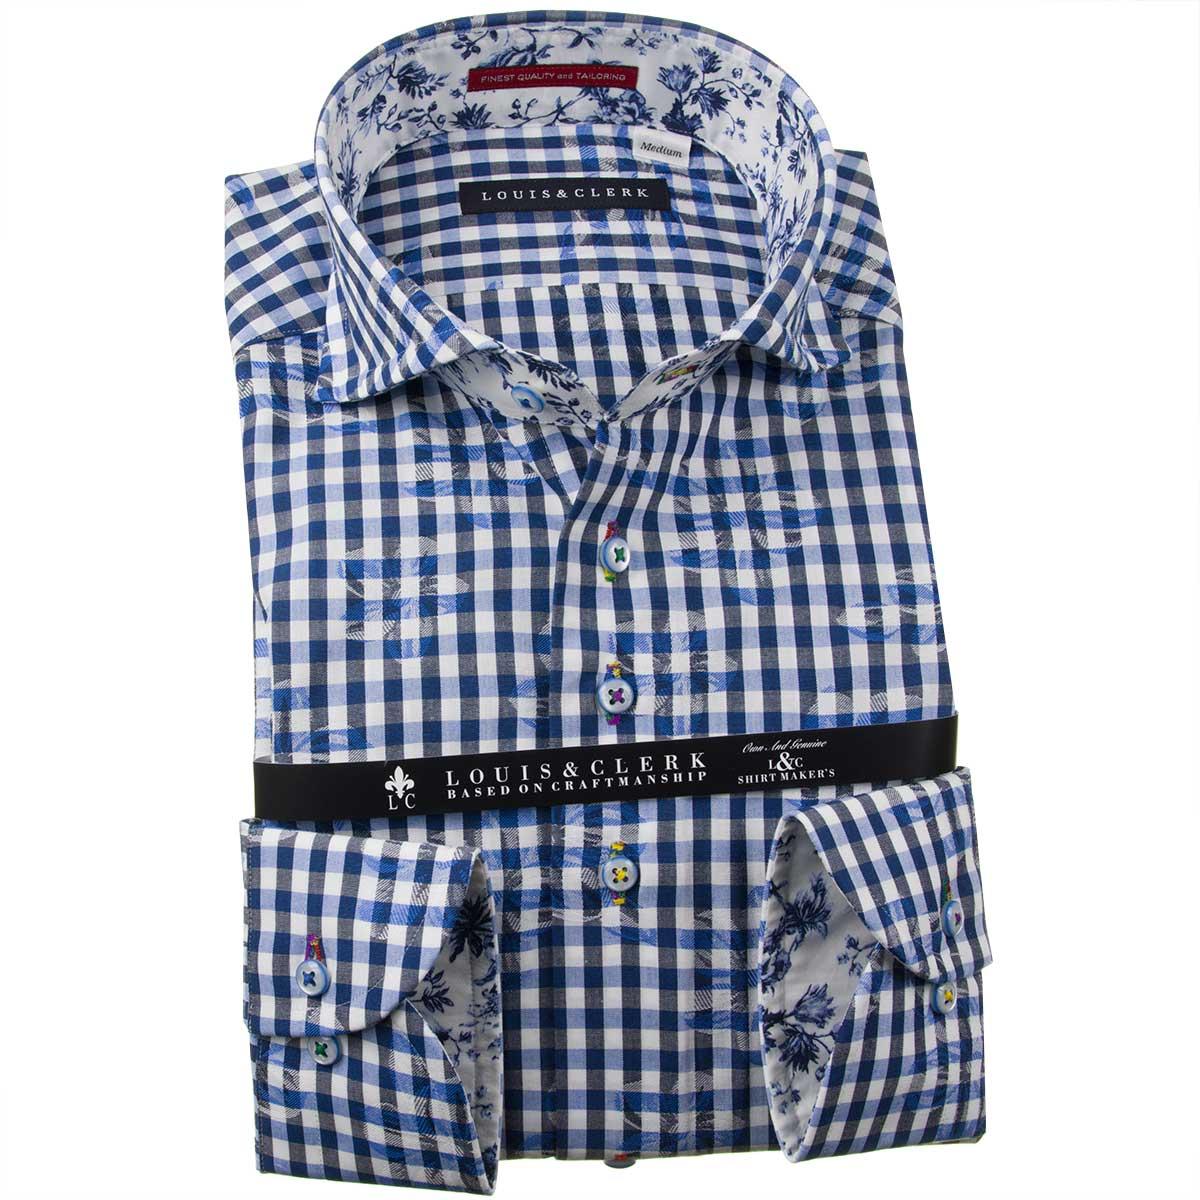 ドレスシャツ ワイシャツ シャツ メンズ 国産 長袖 純綿100% コンフォート カッタウェイワイド ギンガムチェック&フラワージャガード ホワイト ネイビー ブルー 1910 fs3gm